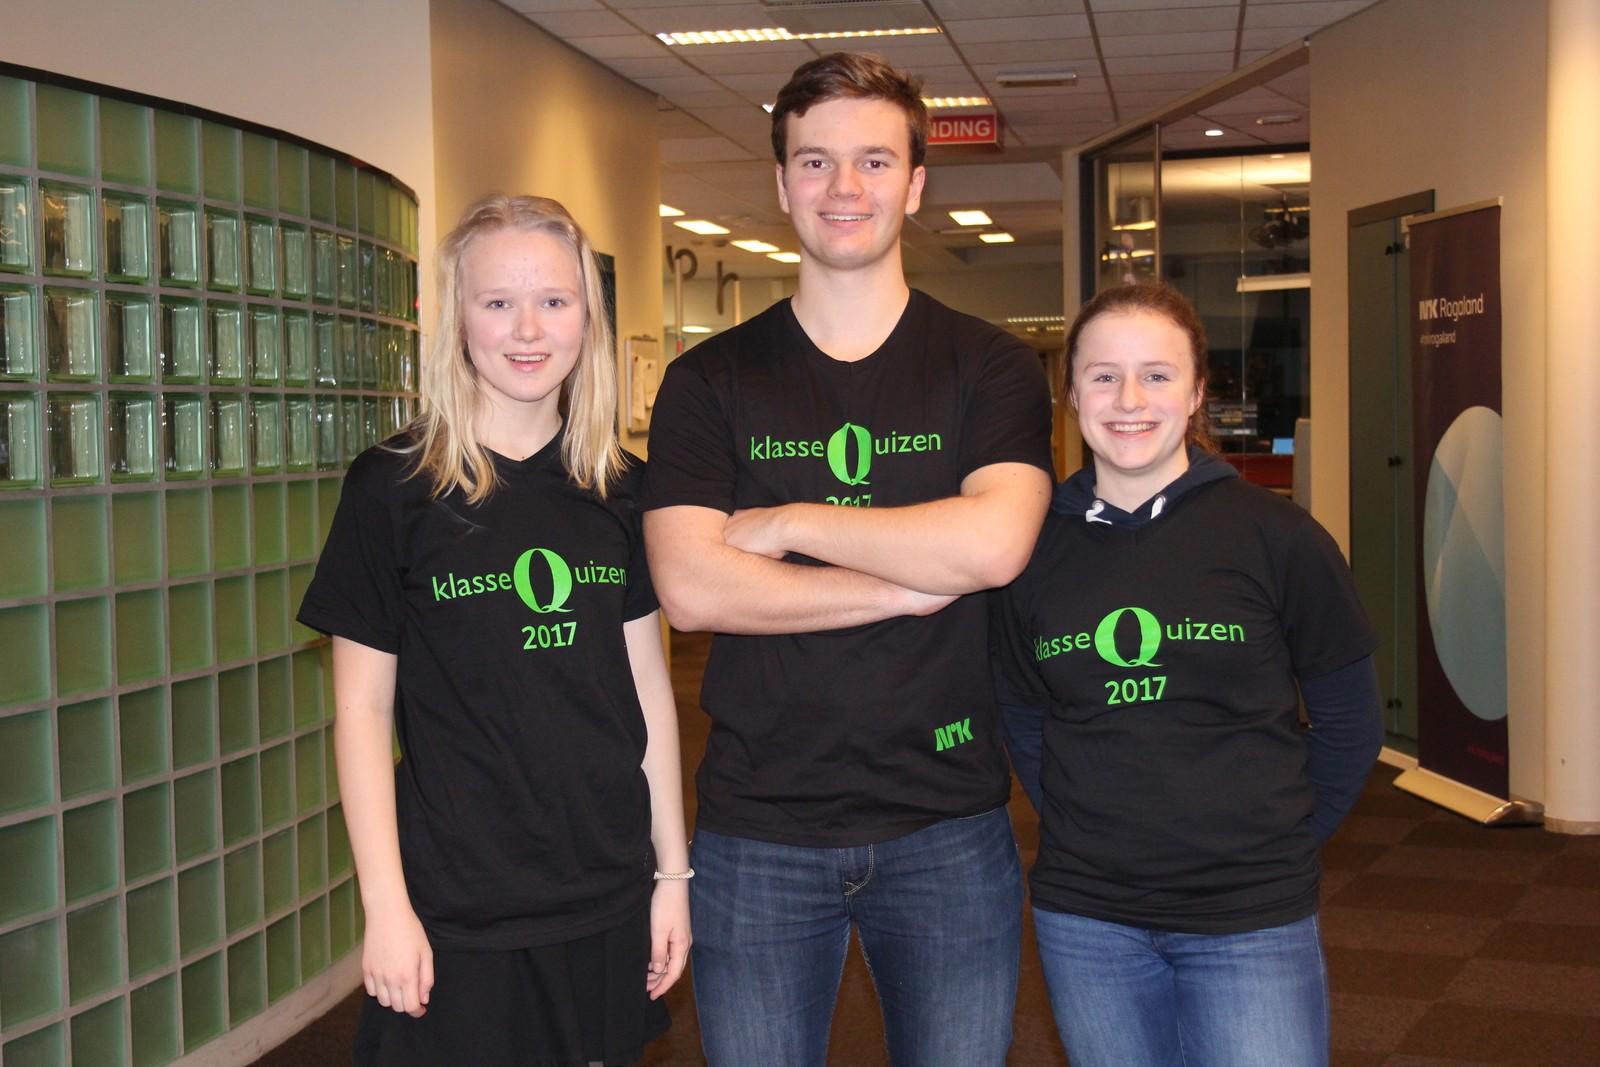 Teresa Lode, Liva Devold Midtun og Aleksander Evensen fra Giske ungdomskole fikk 8 poeng da de deltok i Klassequizen 30. januar.